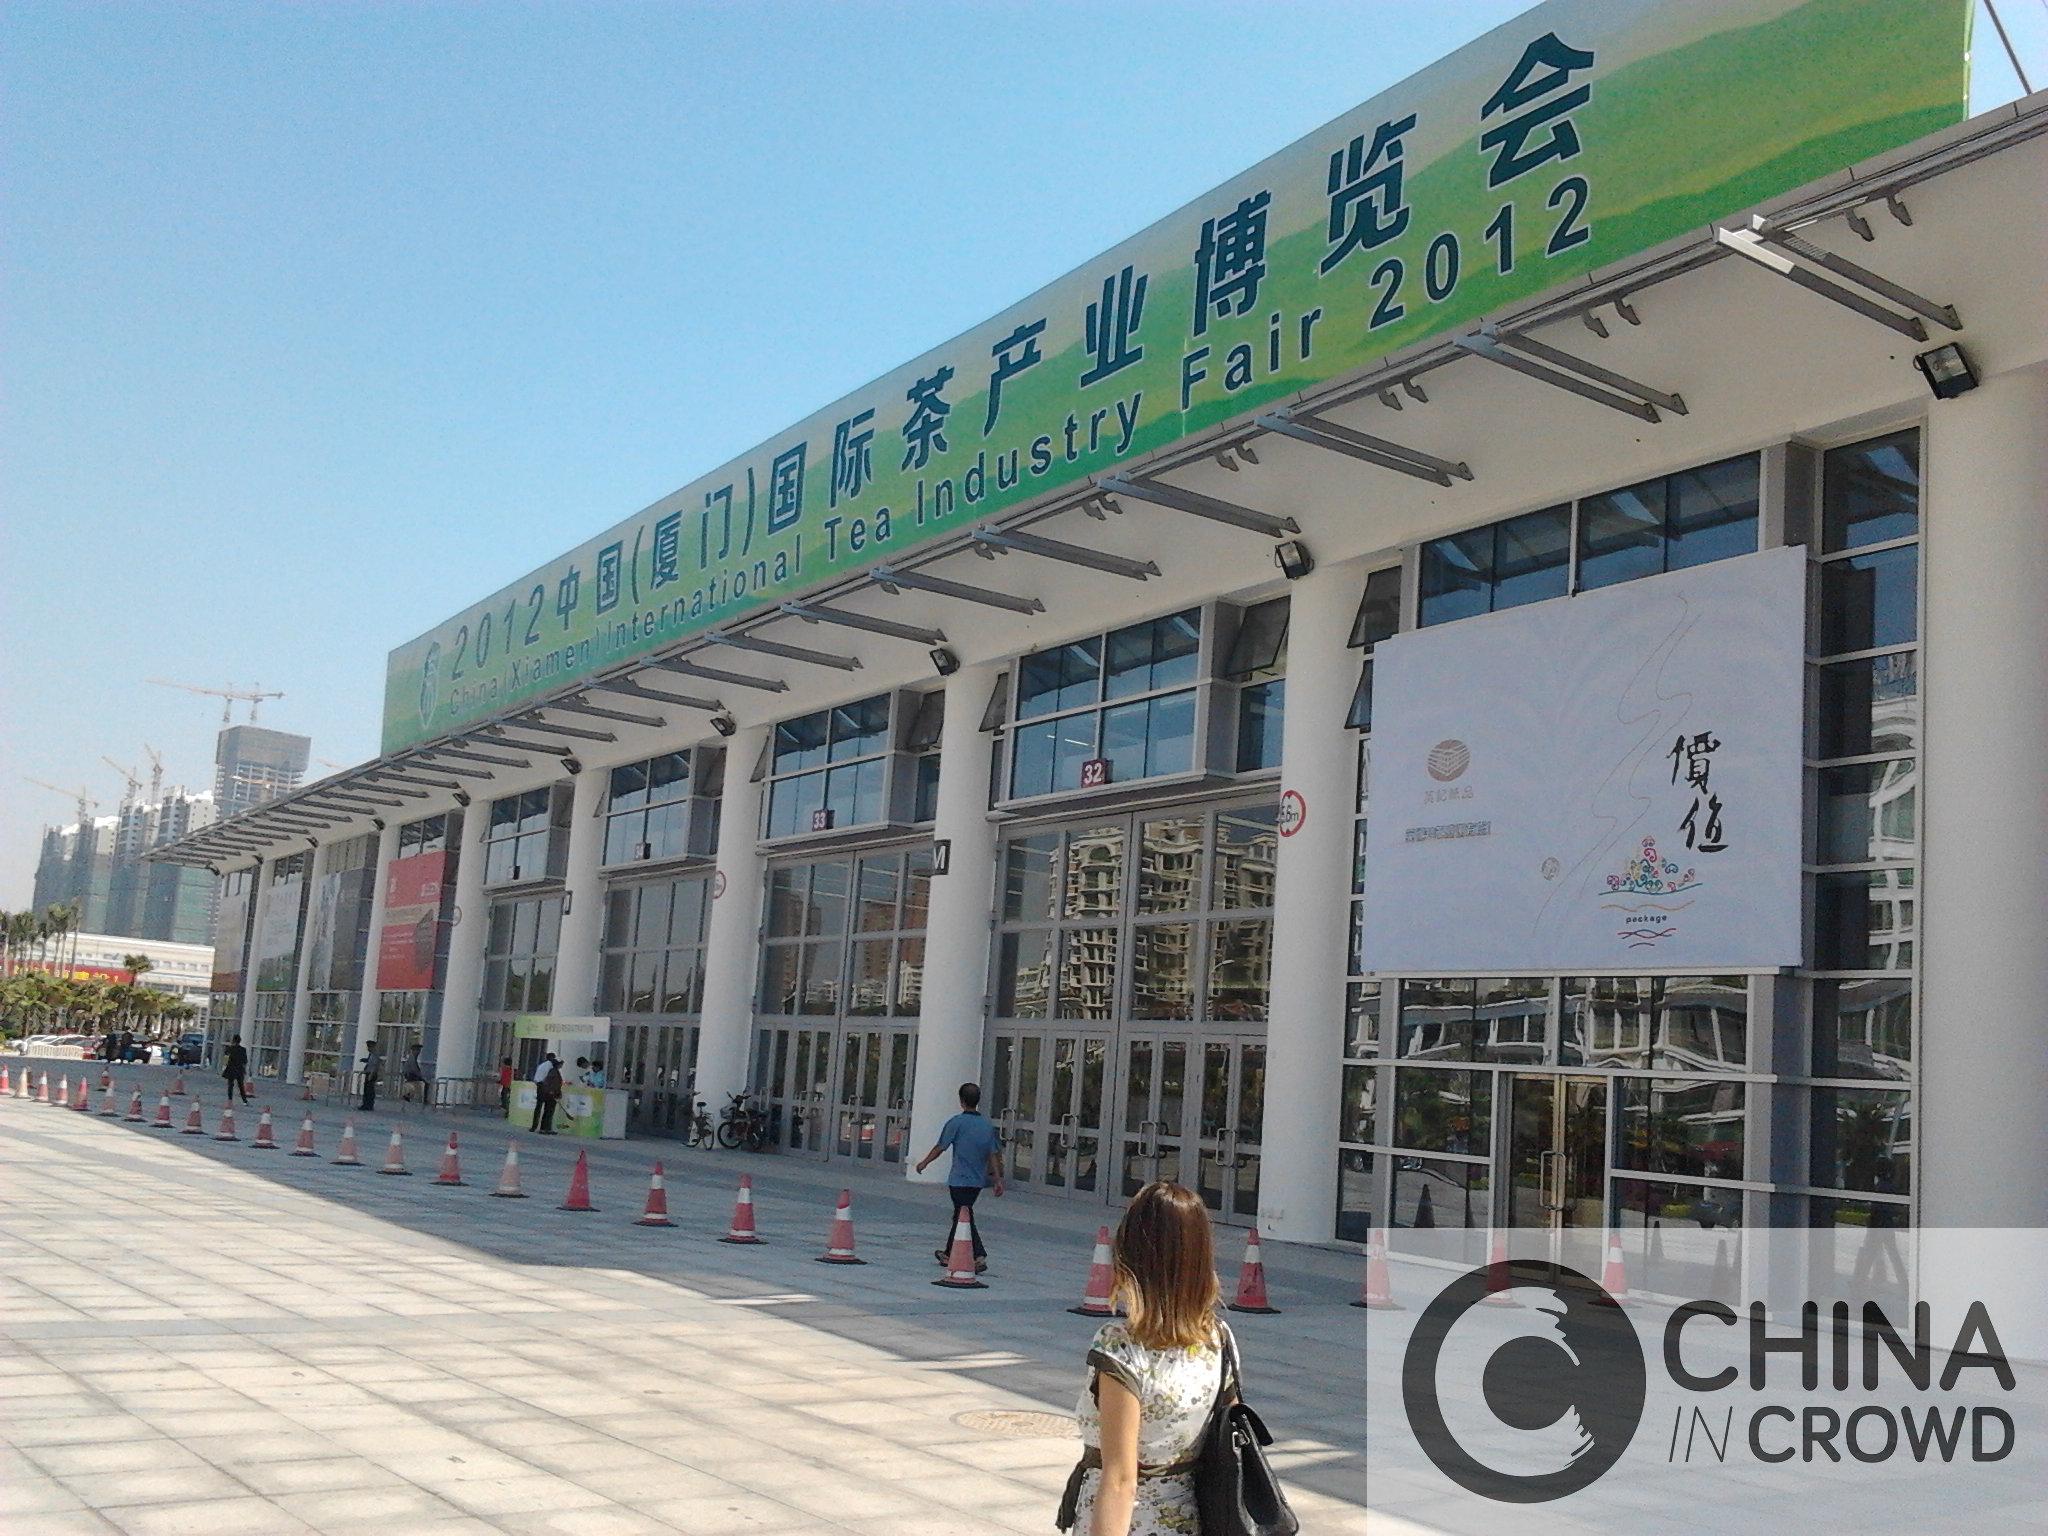 中国厦门国际素食展览会. CHINA IN CROWD